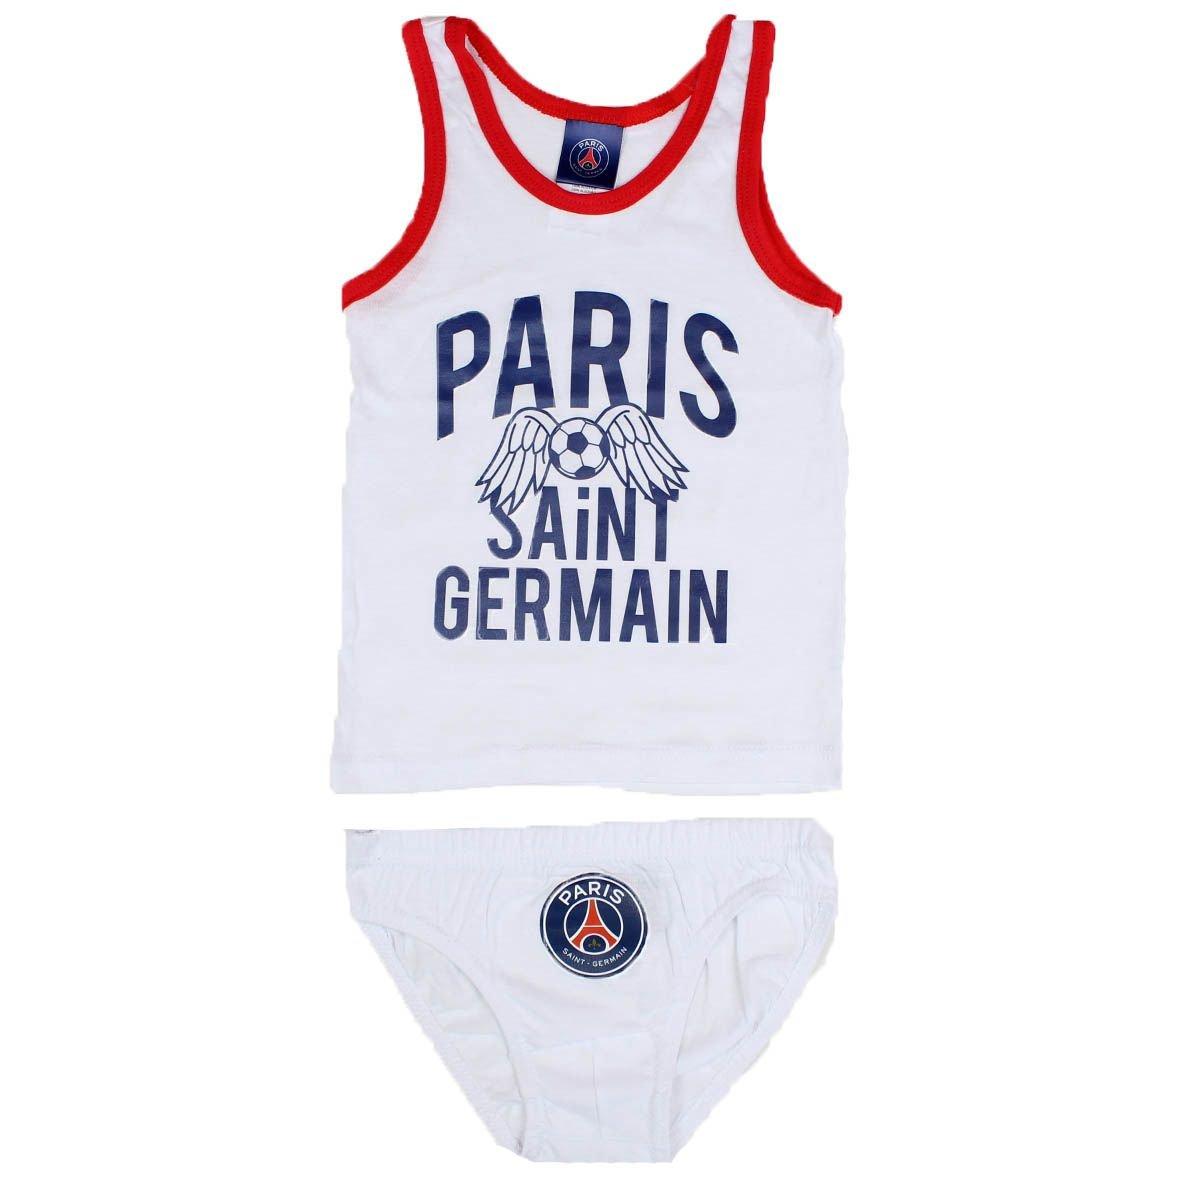 Junto camiseta con las bragas Paris Saint Germain chico: Amazon.es: Ropa y accesorios